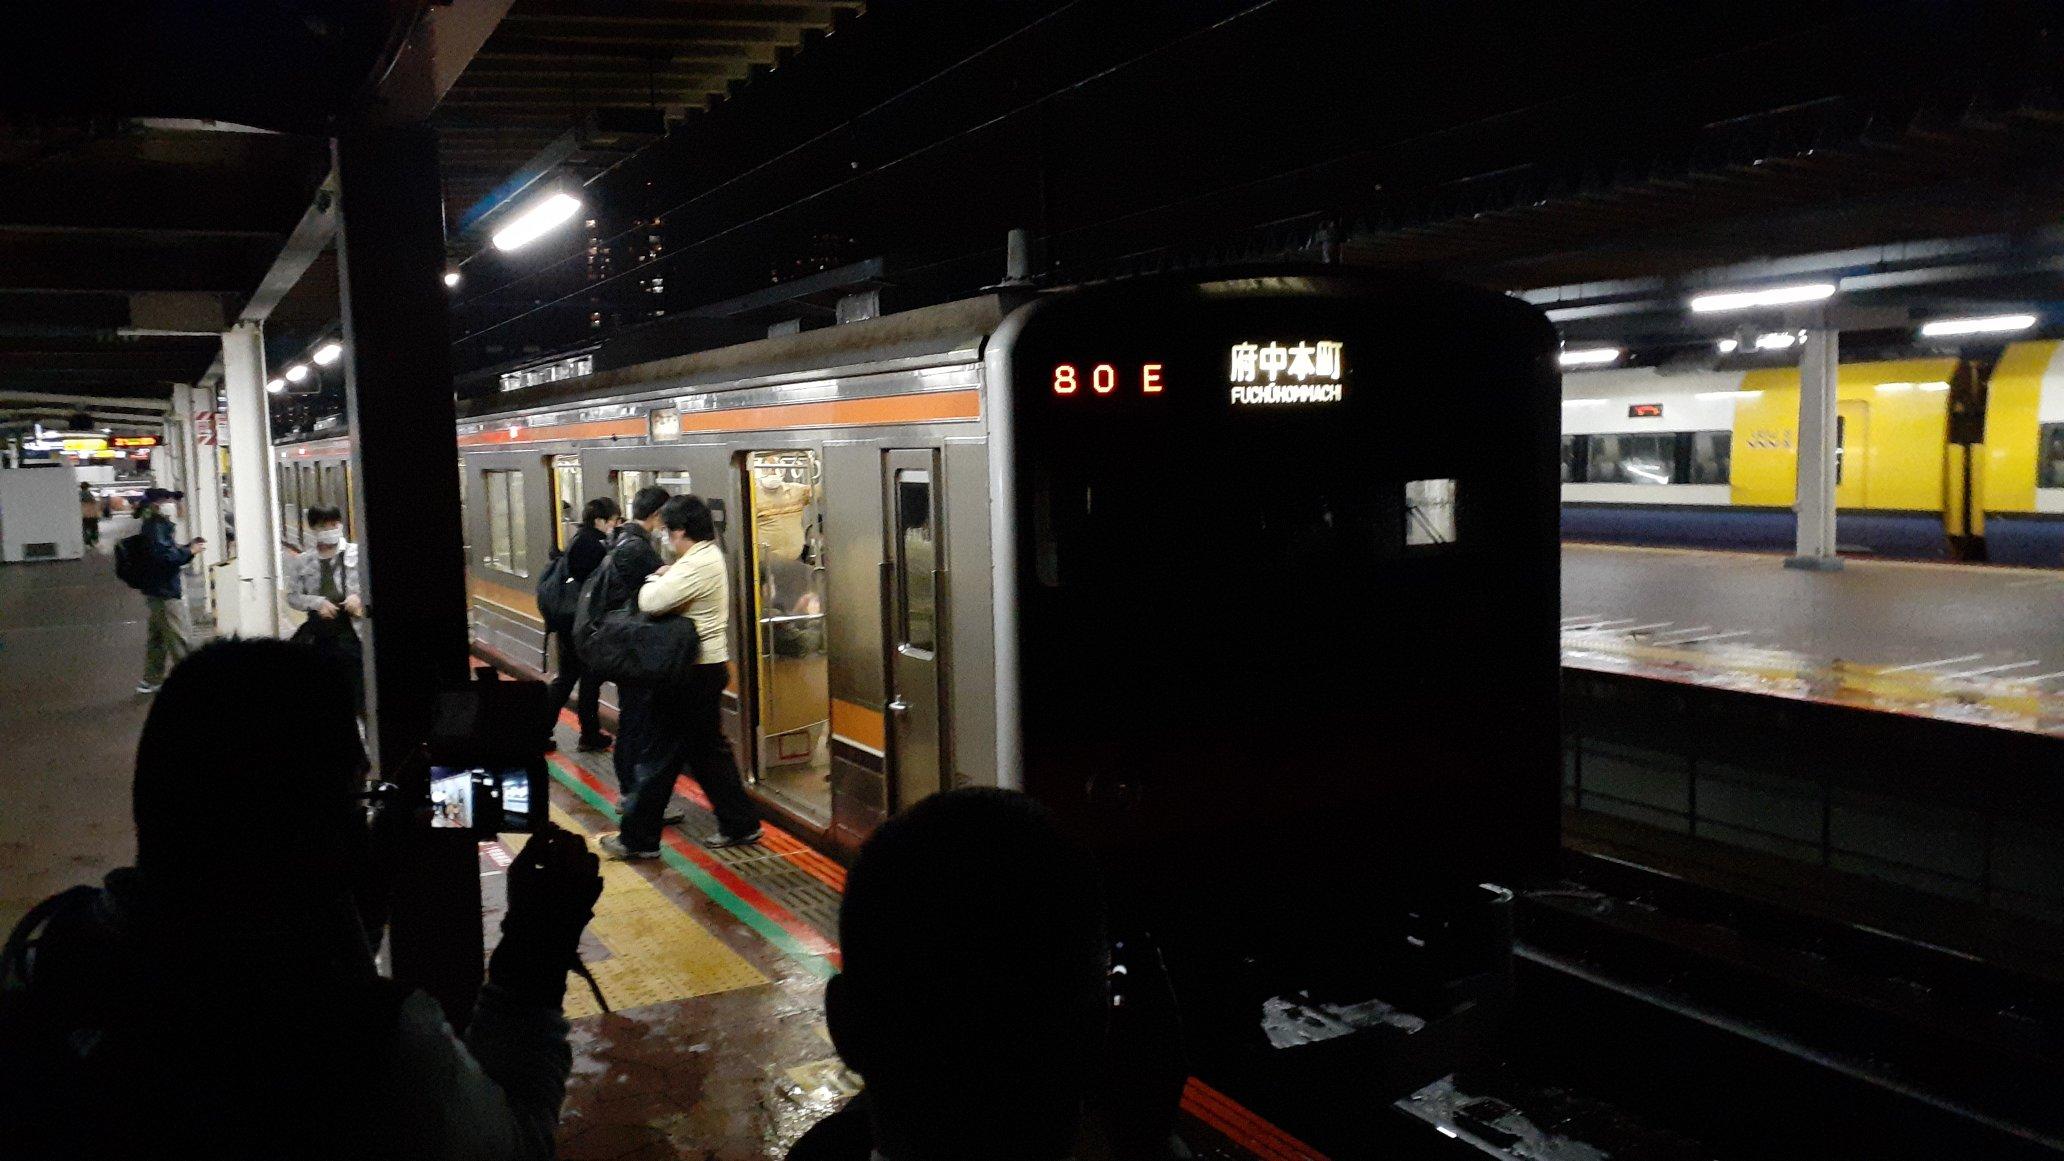 【意地でも撮らせない】武蔵野線205系運転士が葬式鉄を排除 駅停車中に前照灯を消灯 真っ暗でまともに撮影できず